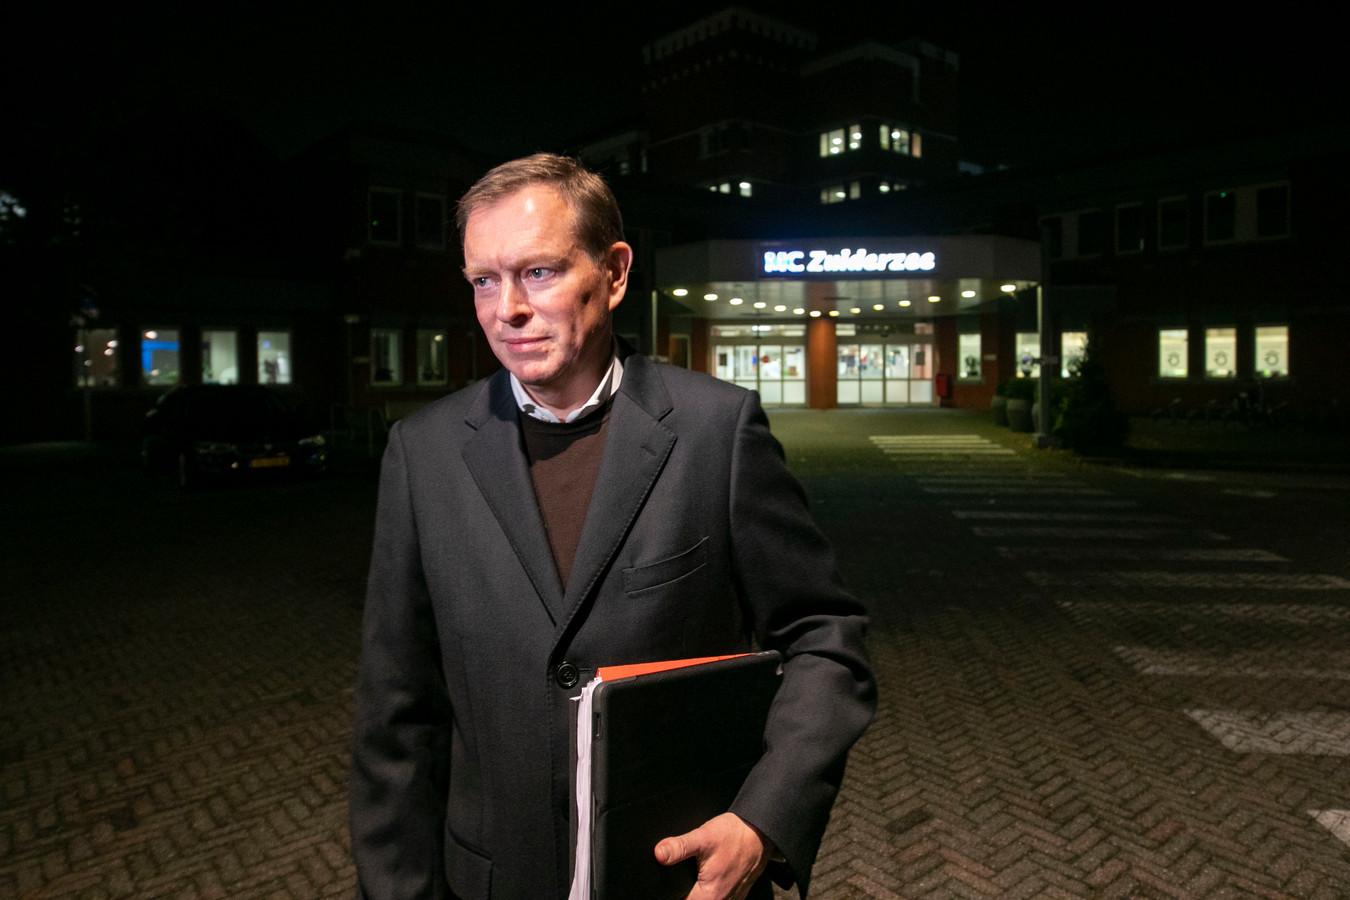 Minister Bruins voor het ziekenhuis in Lelystad dat volgens hem geen volwaardige doorstart kan maken.